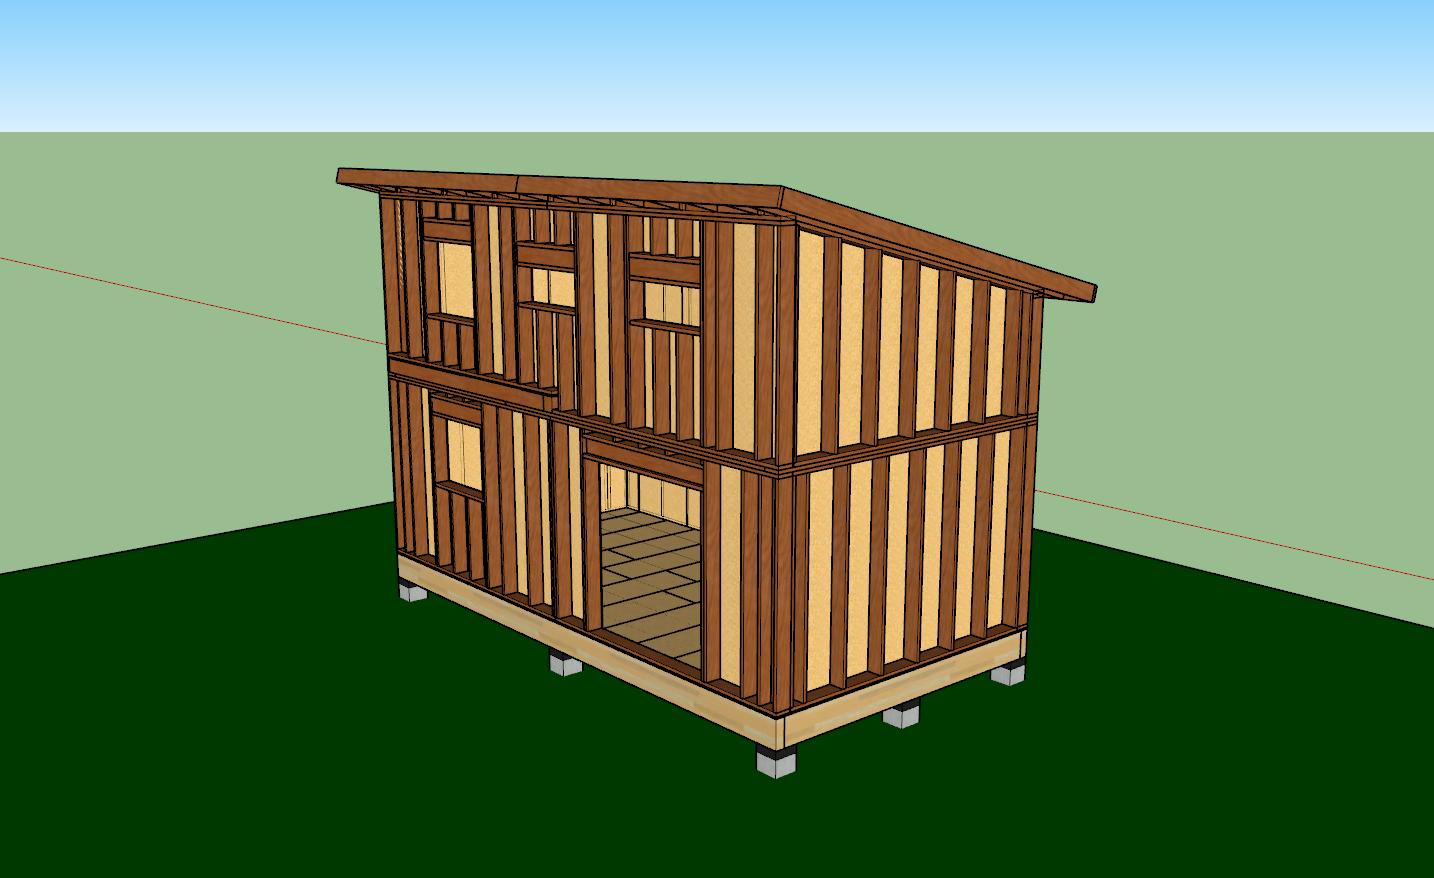 6 raisons de construire une maison en ossature bois comme un pingouin dans le d sert. Black Bedroom Furniture Sets. Home Design Ideas